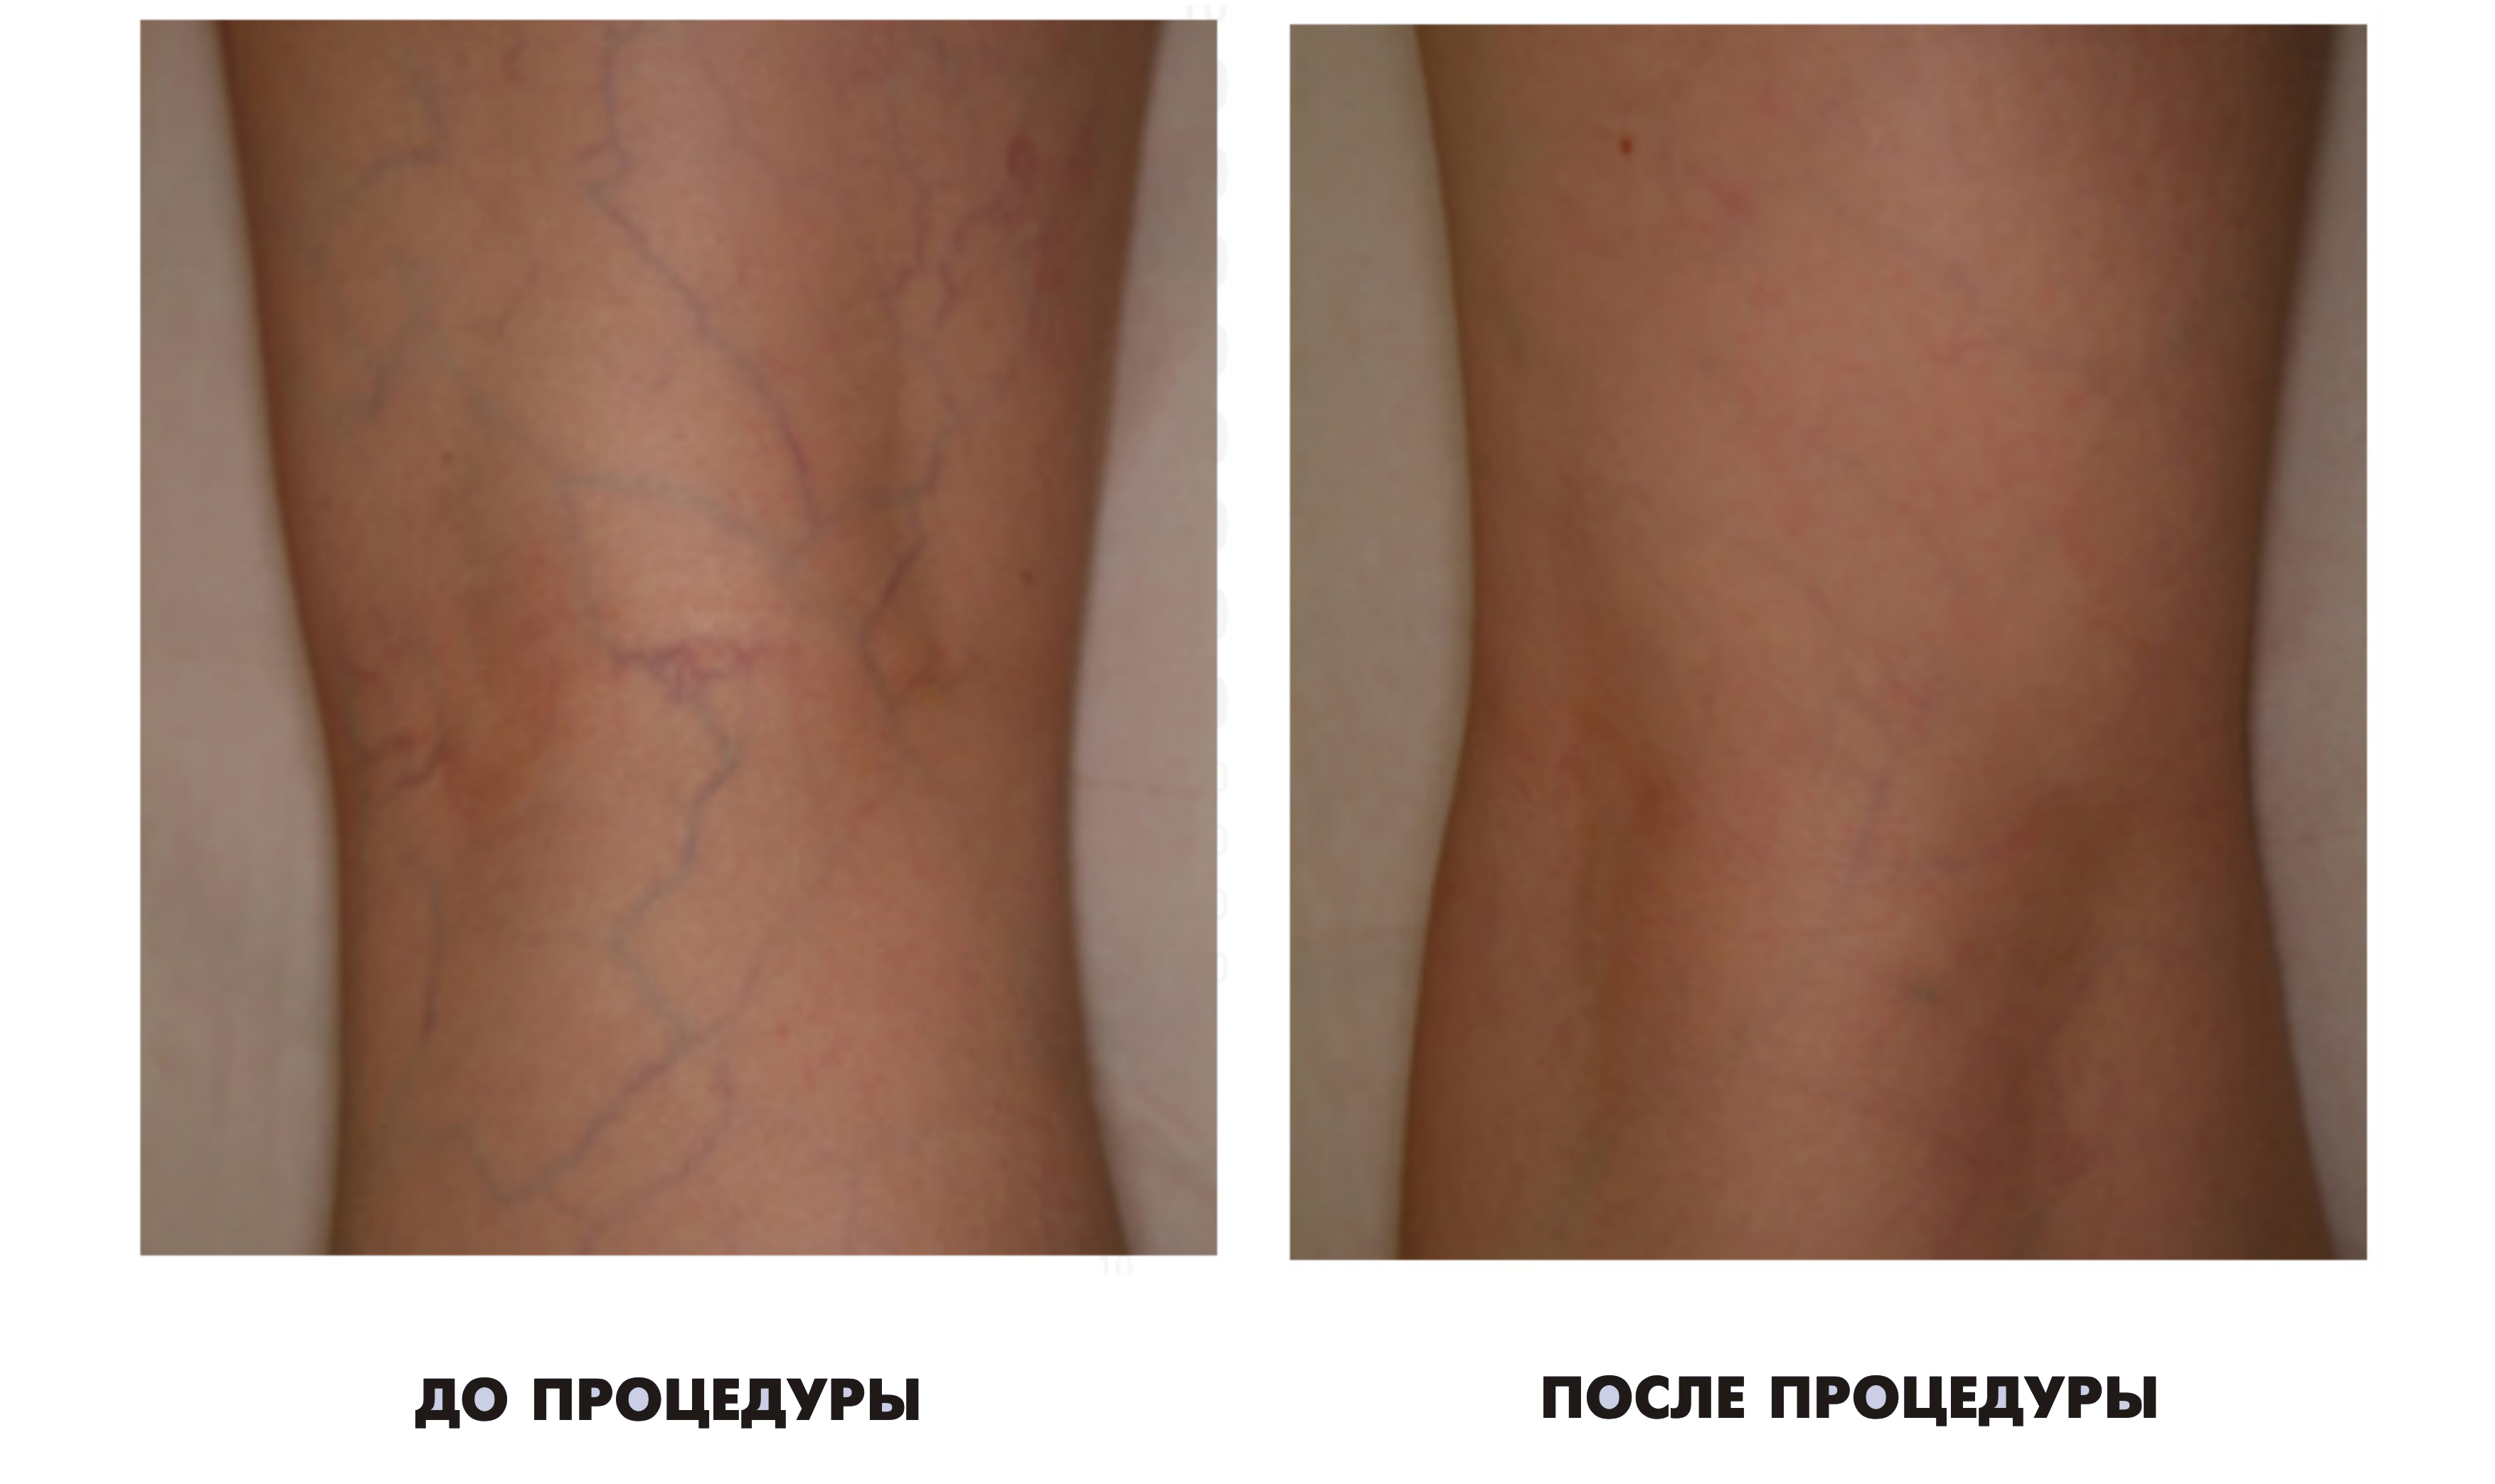 Кровотечения из венозного узла при варикозном расширении вен нижних конечностей